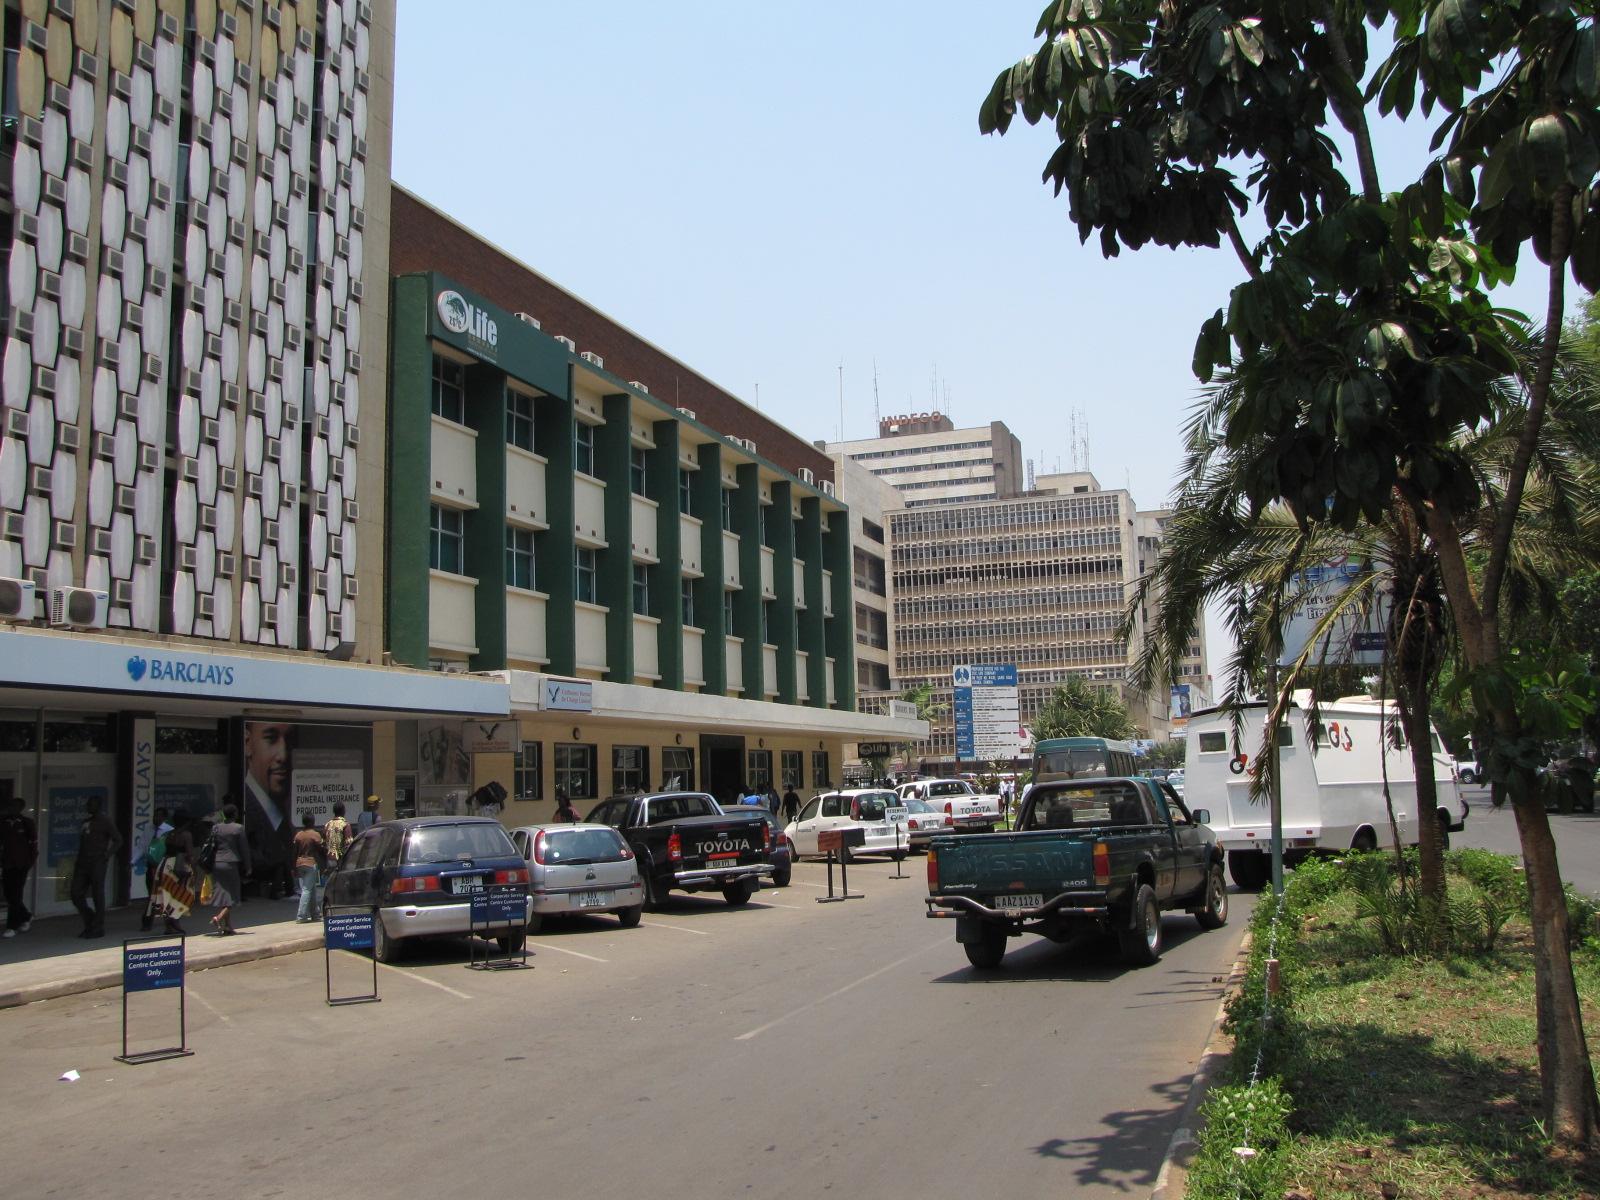 Lusaka Zambia  city photos gallery : Lusaka, Zambia